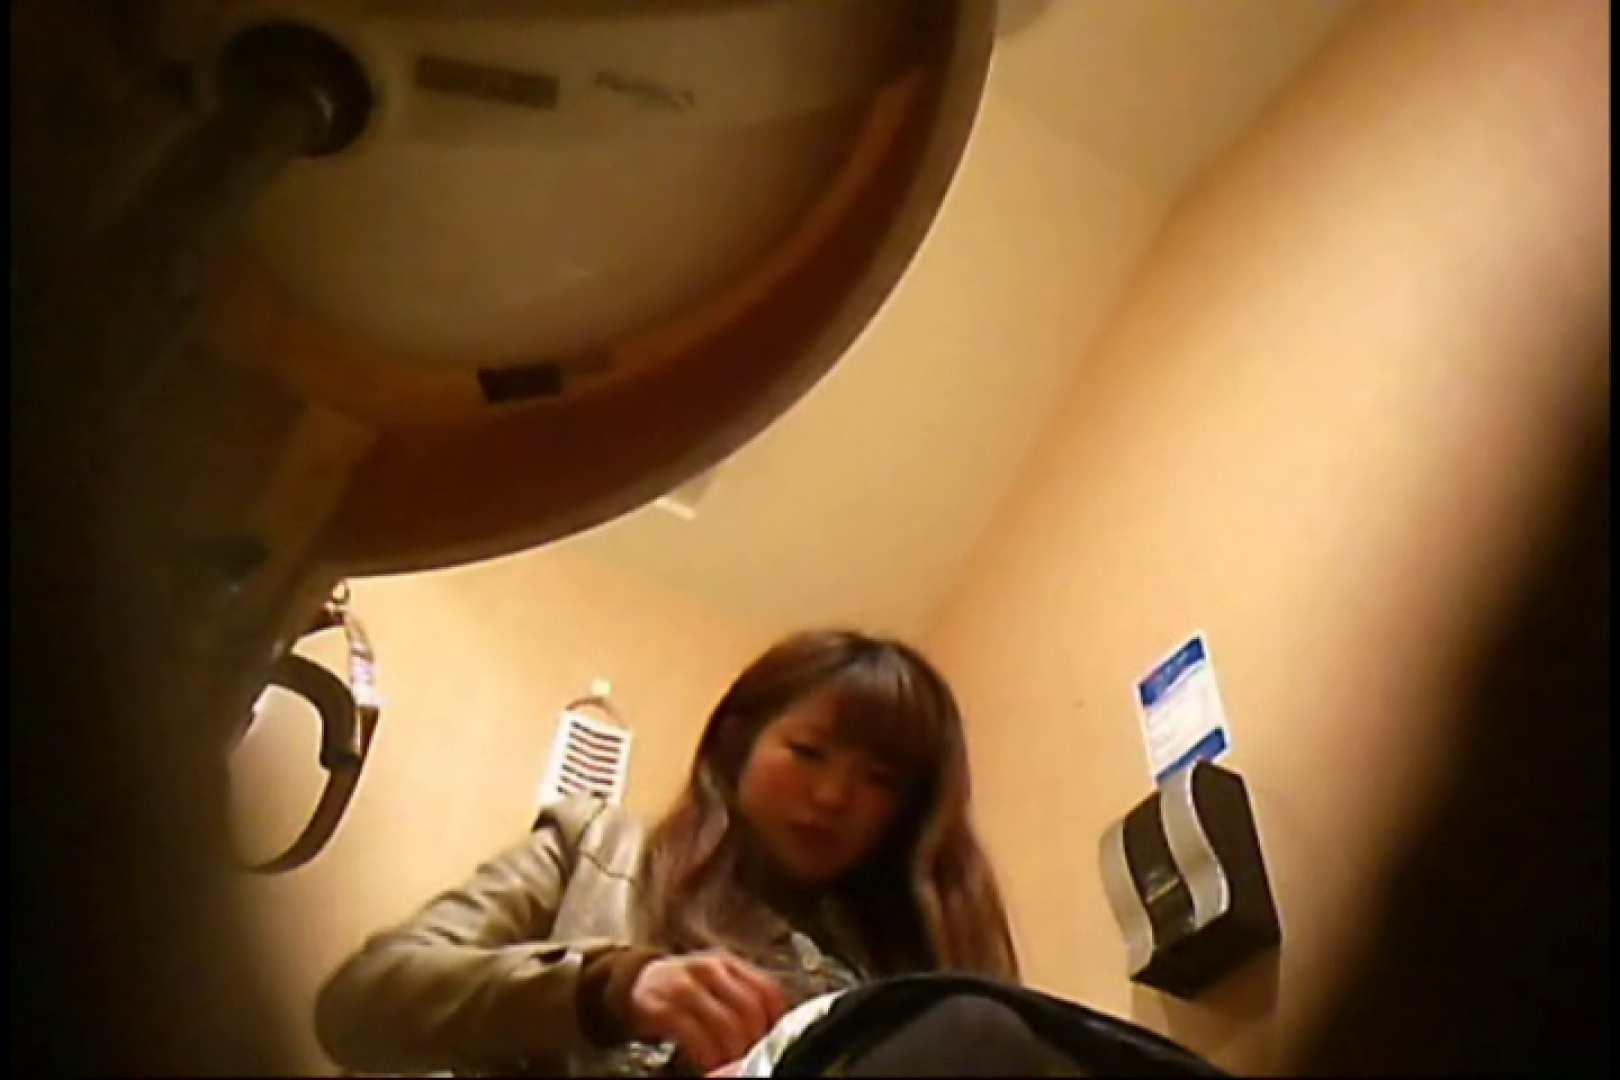 潜入!!女子化粧室盗撮~絶対見られたくない時間~vo,20 熟女のエロ動画 オマンコ動画キャプチャ 92PIX 54